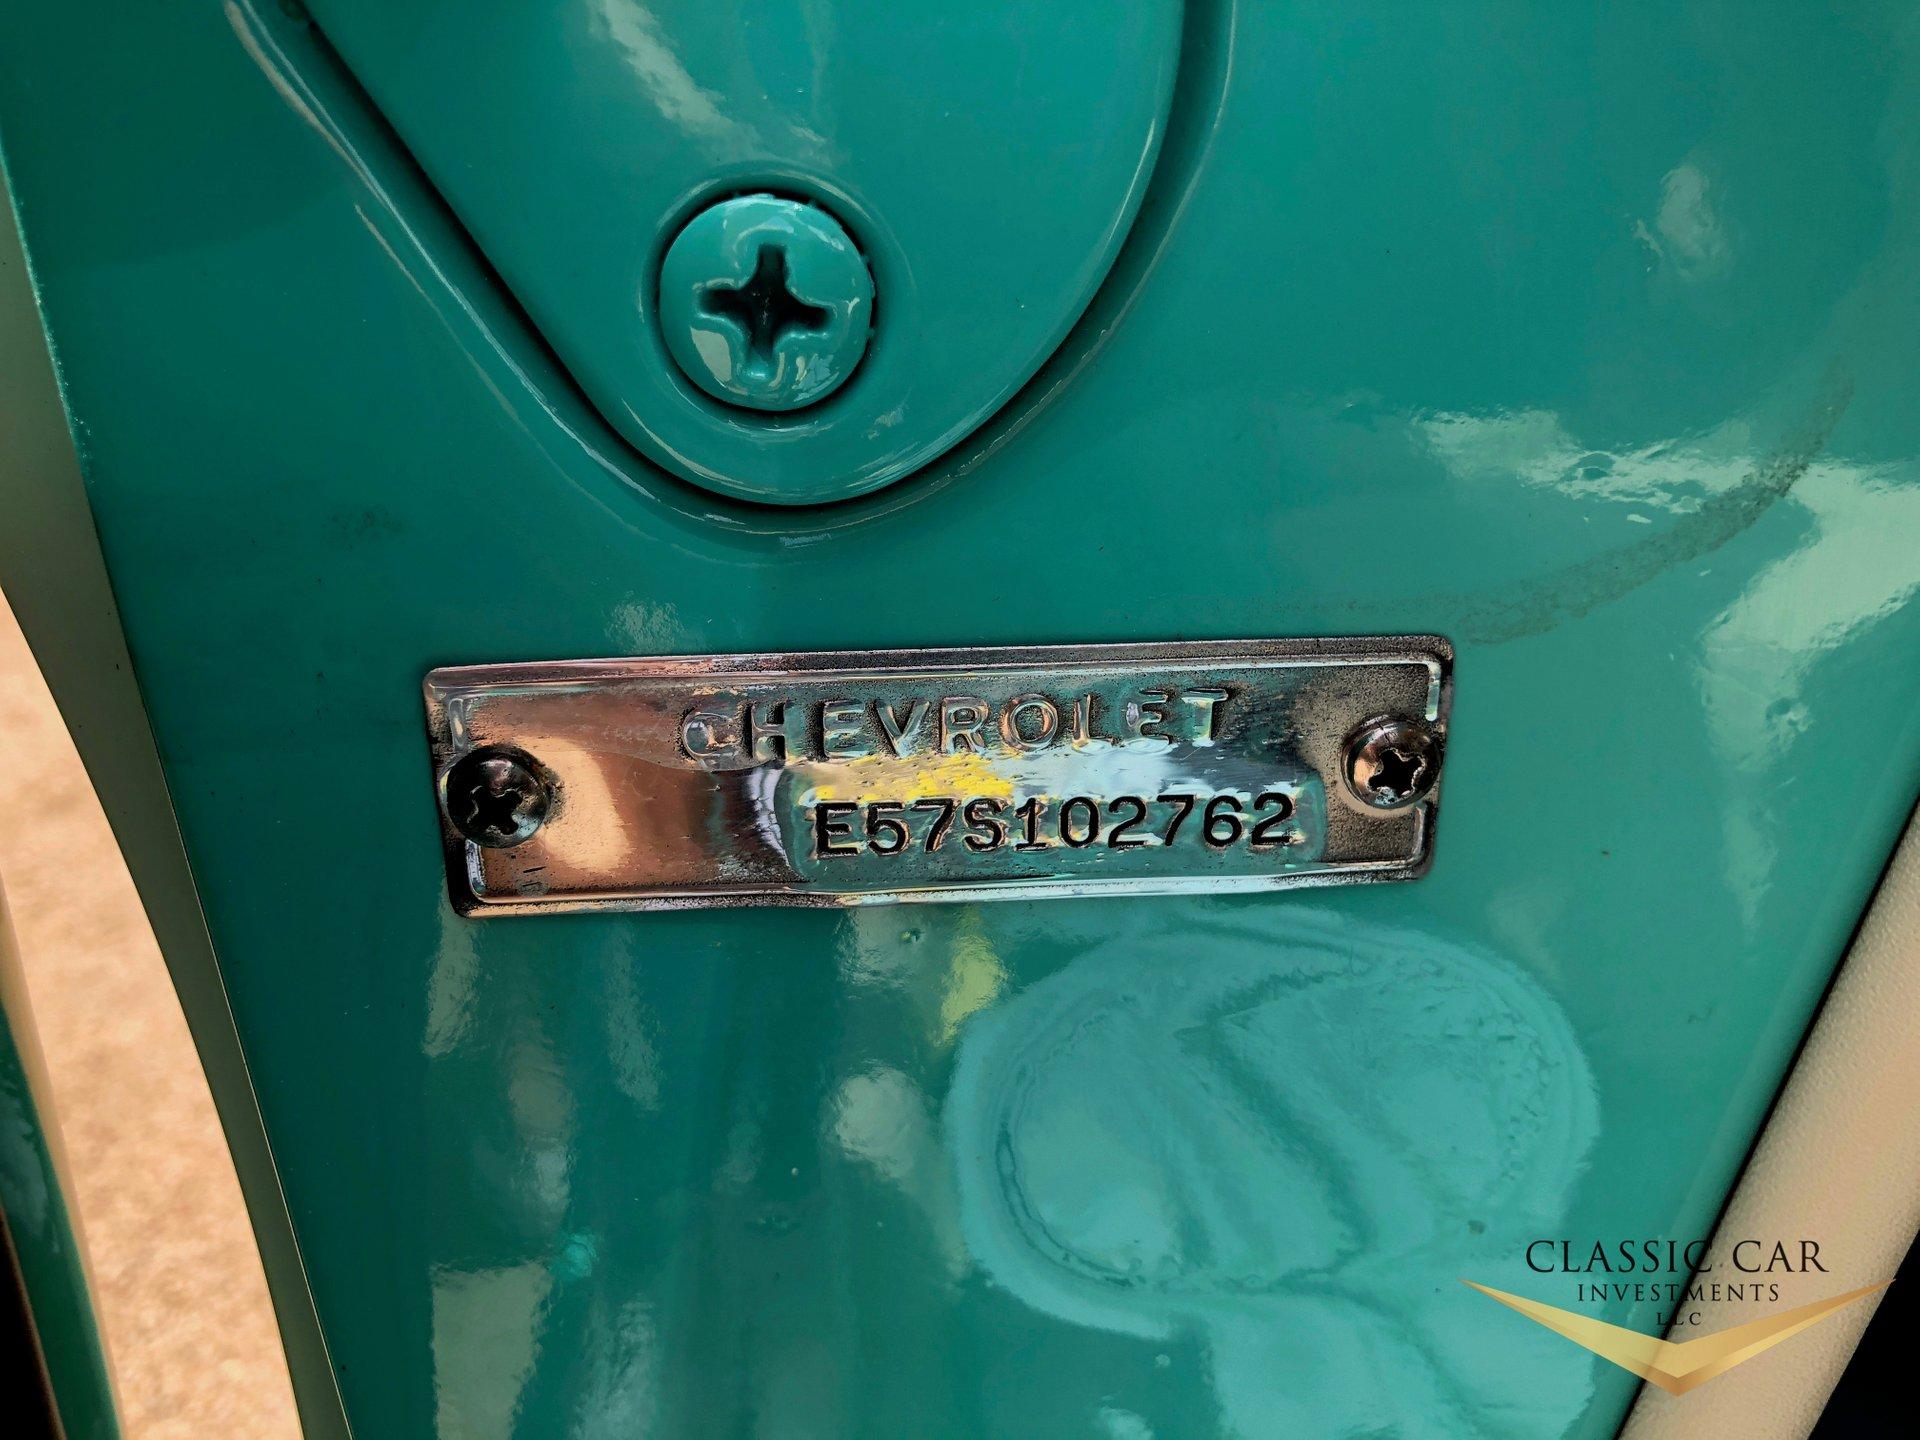 1957 Chevrolet Corvette Roadster for sale #92109   MCG